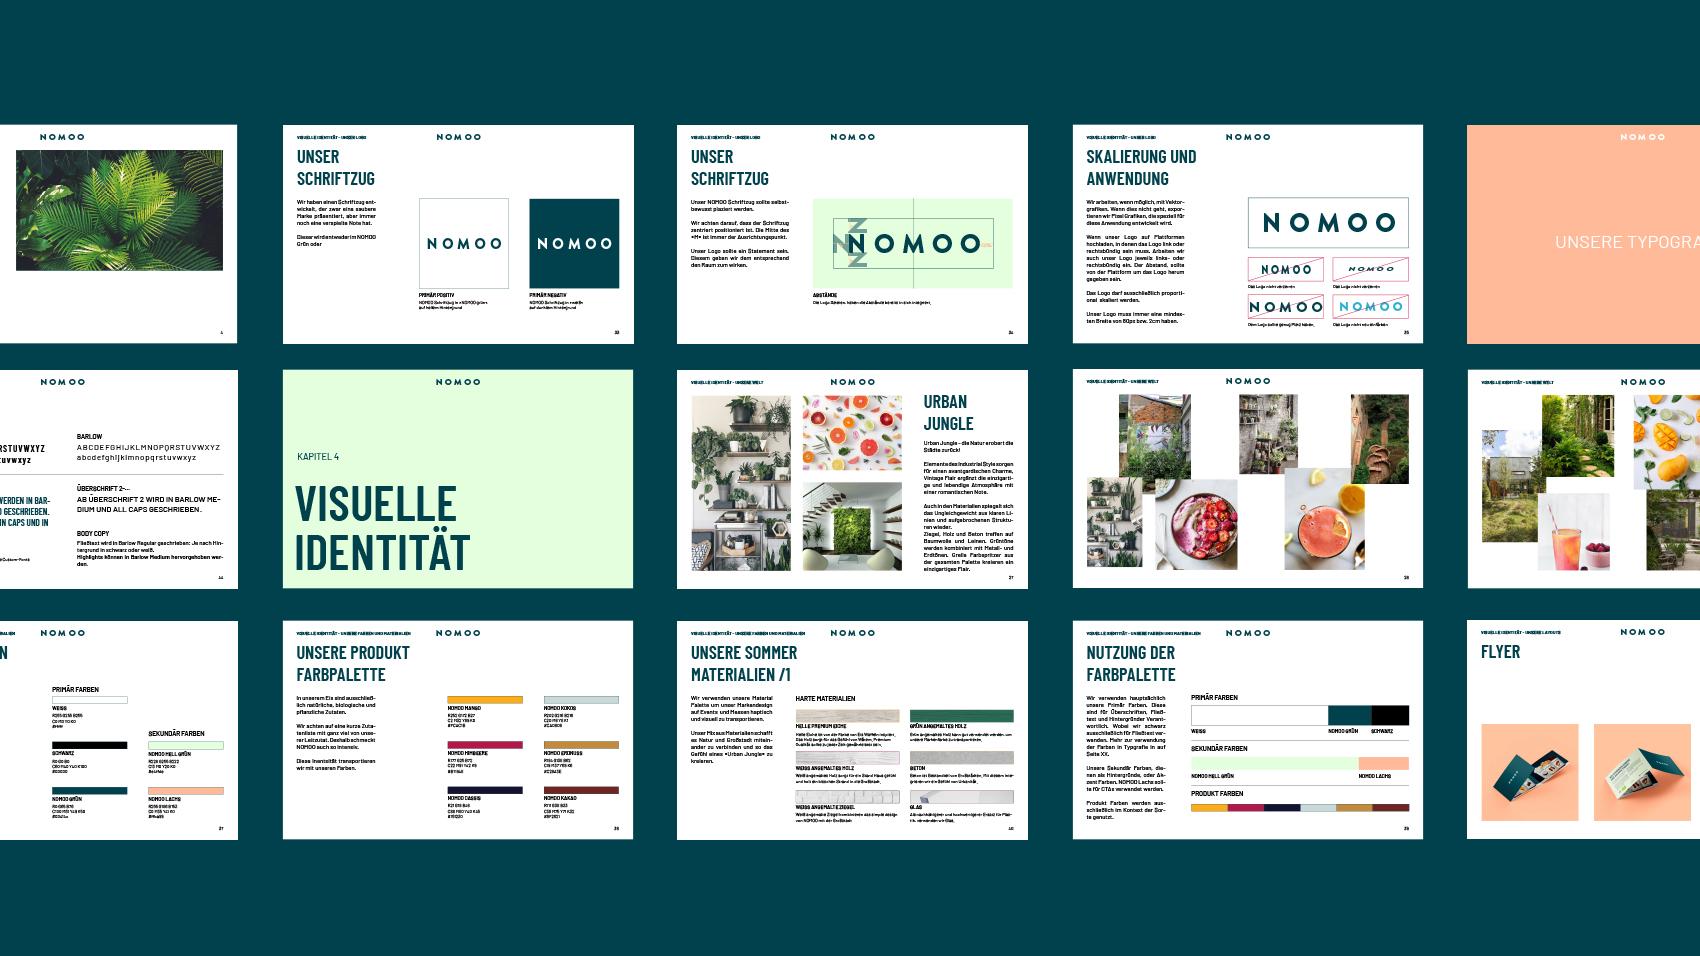 NOMOO_GuidelinesTiles-1700x956 Kopie.jpg